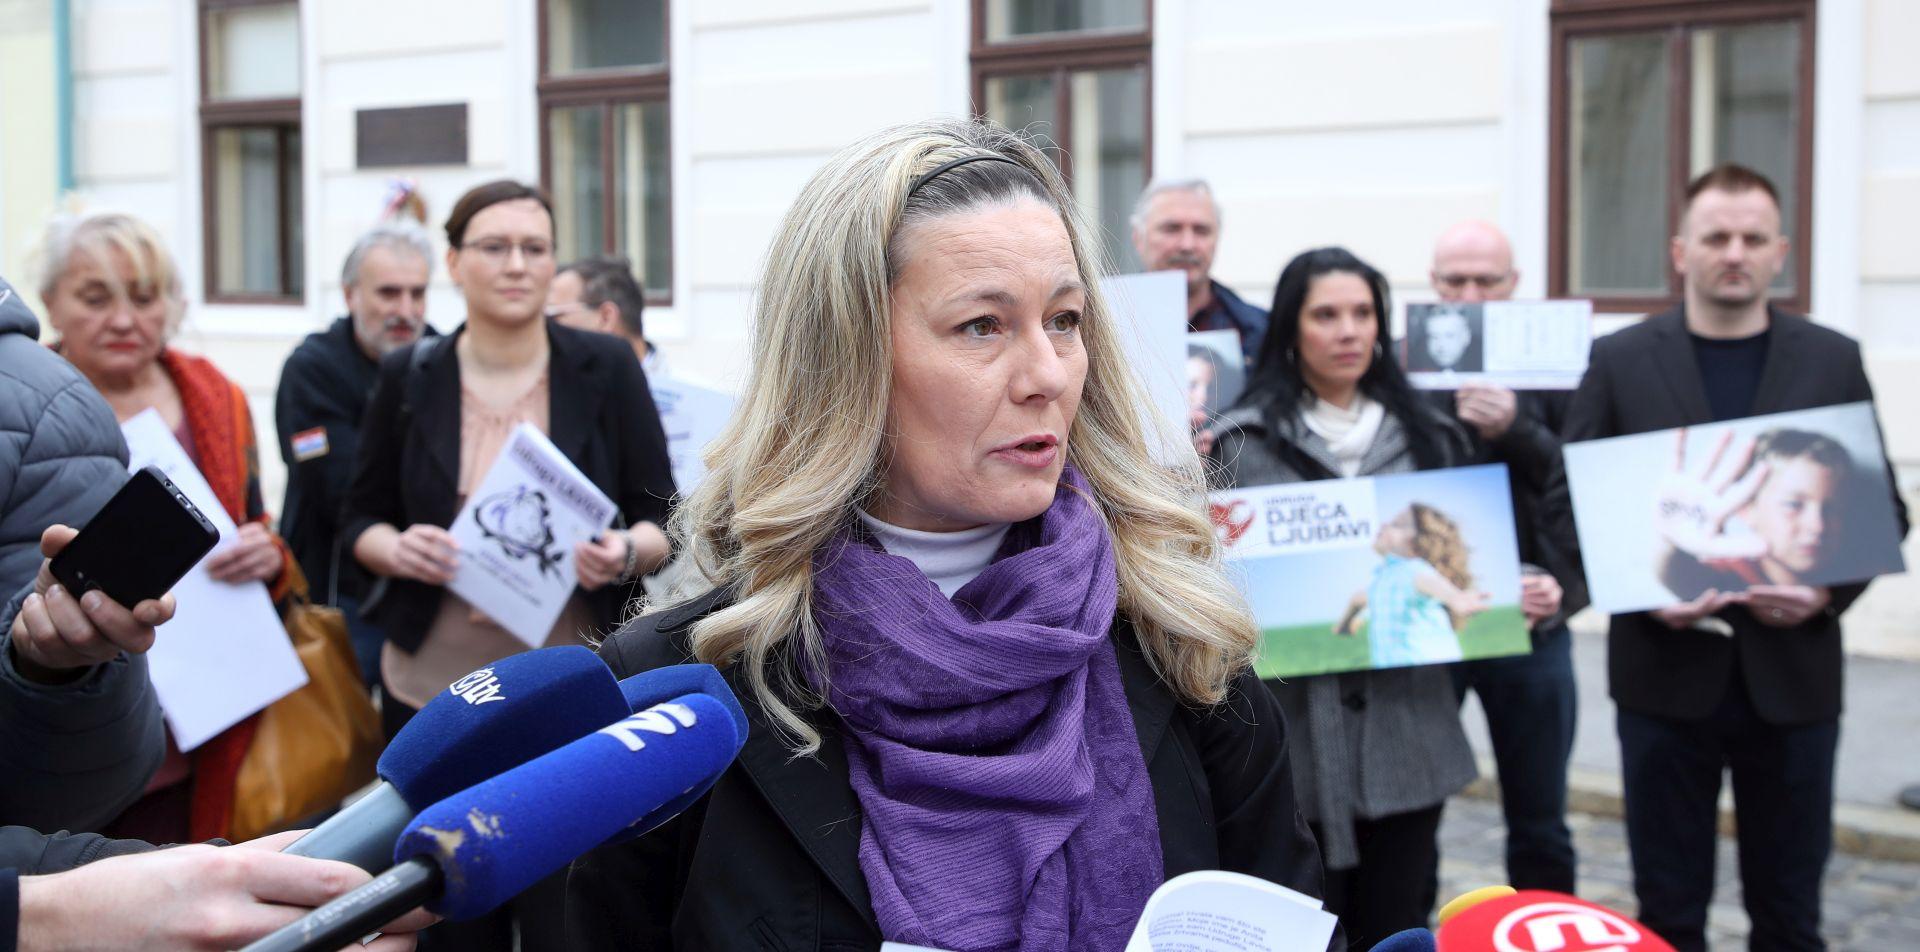 Udruge protiv navodnog institucionaliziranja pedofilije u školama